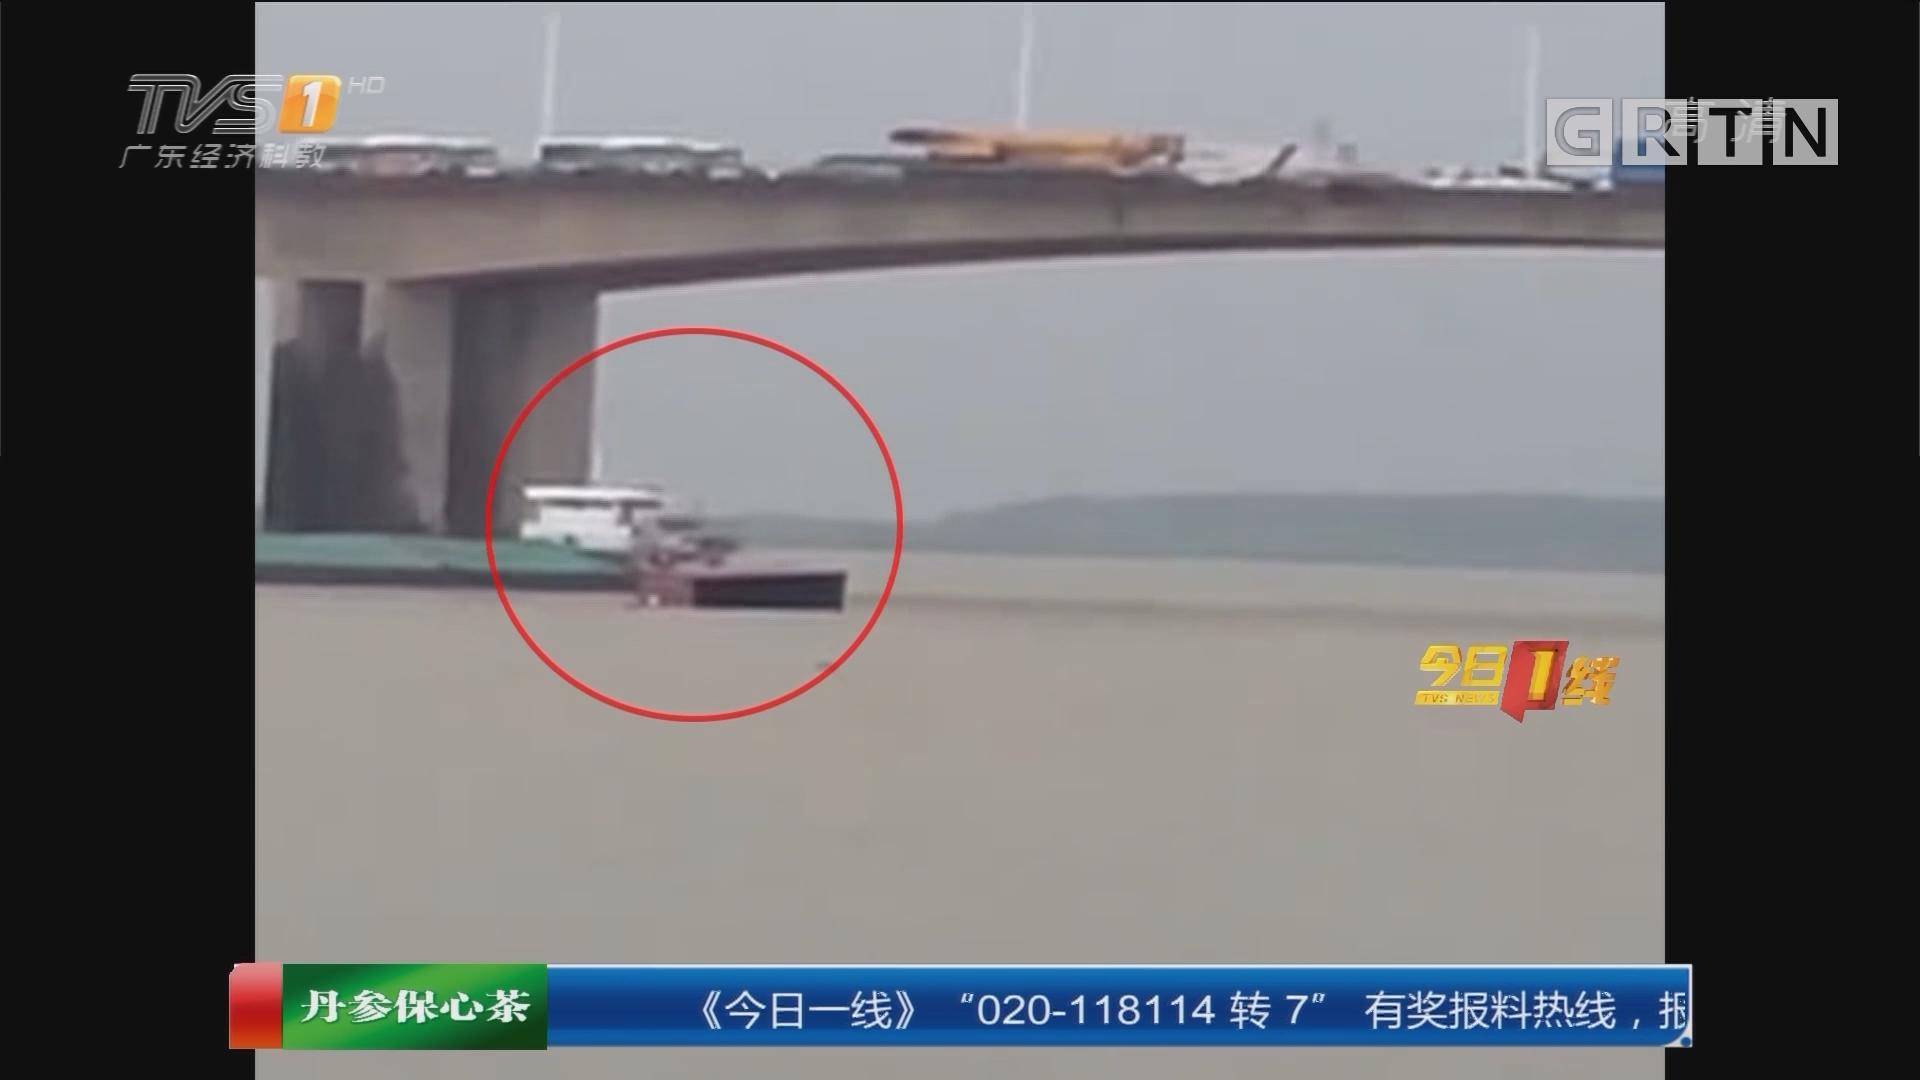 珠海:货车撞断栏杆 飞车坠海司机失联